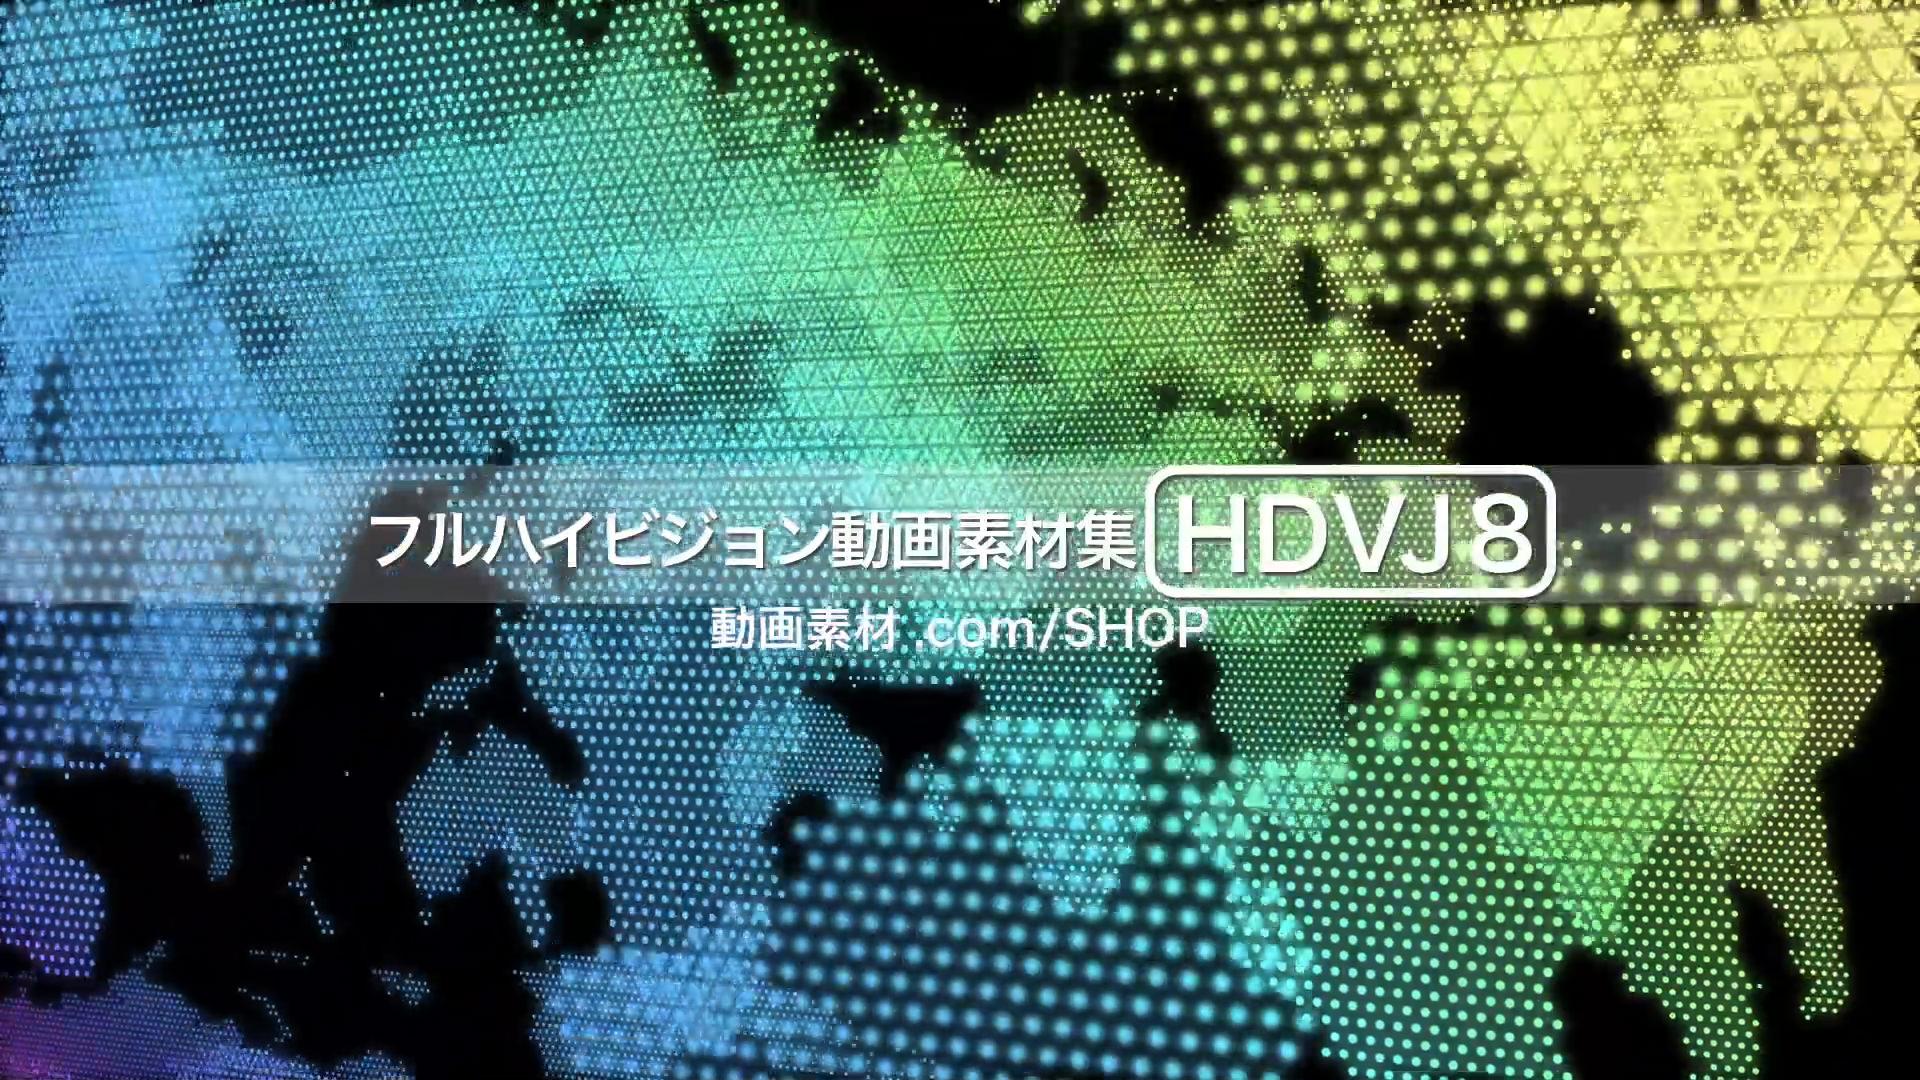 HDVJ8_17